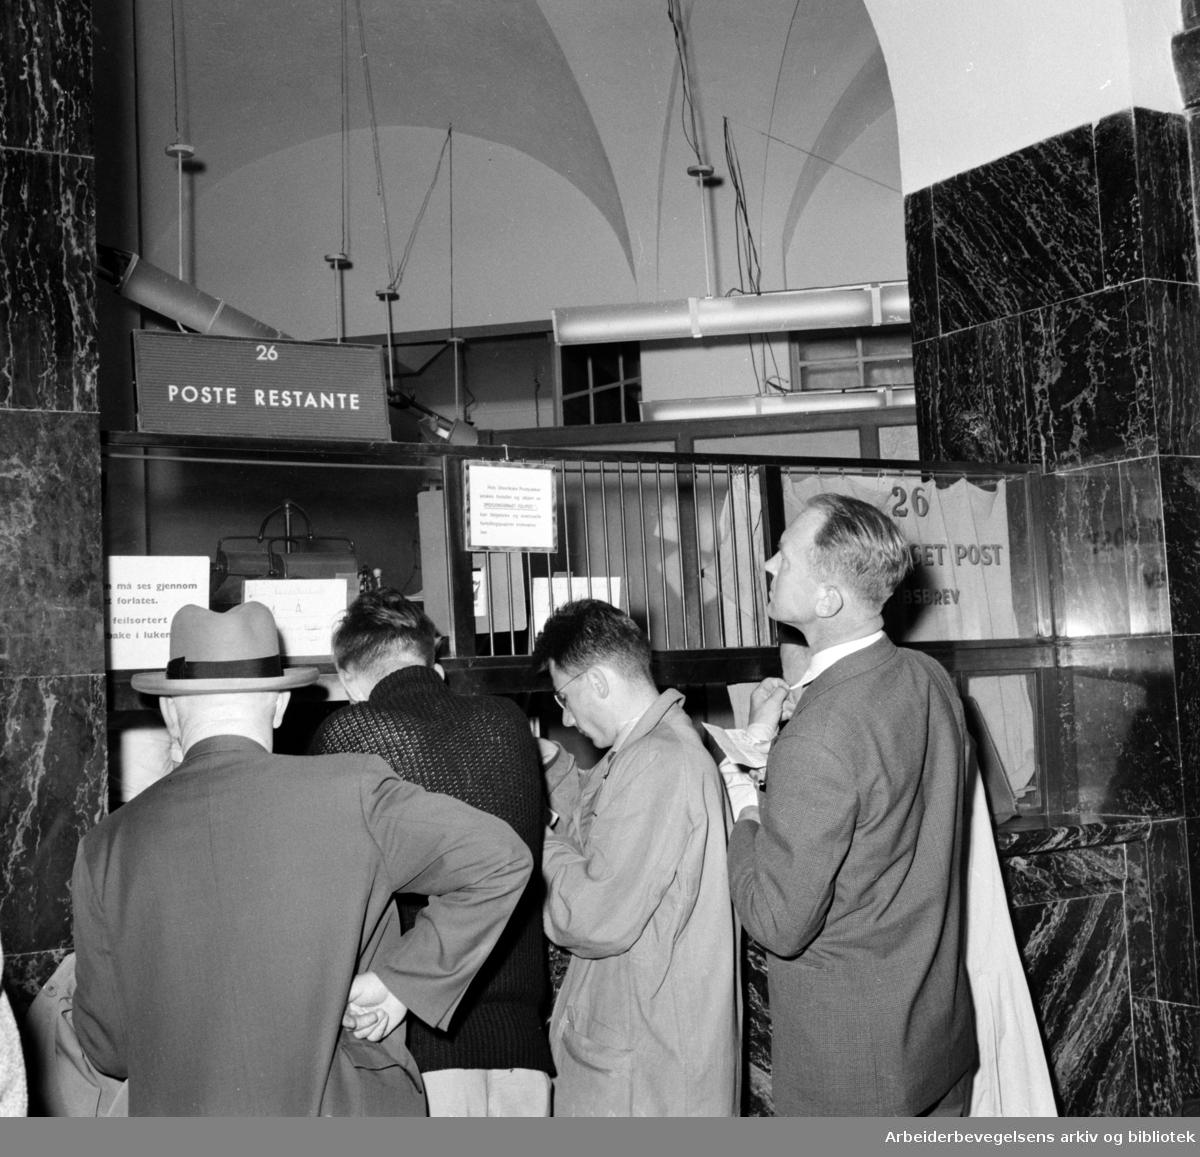 """Posthuset. """"Poste restante luken"""". Juli 1957"""